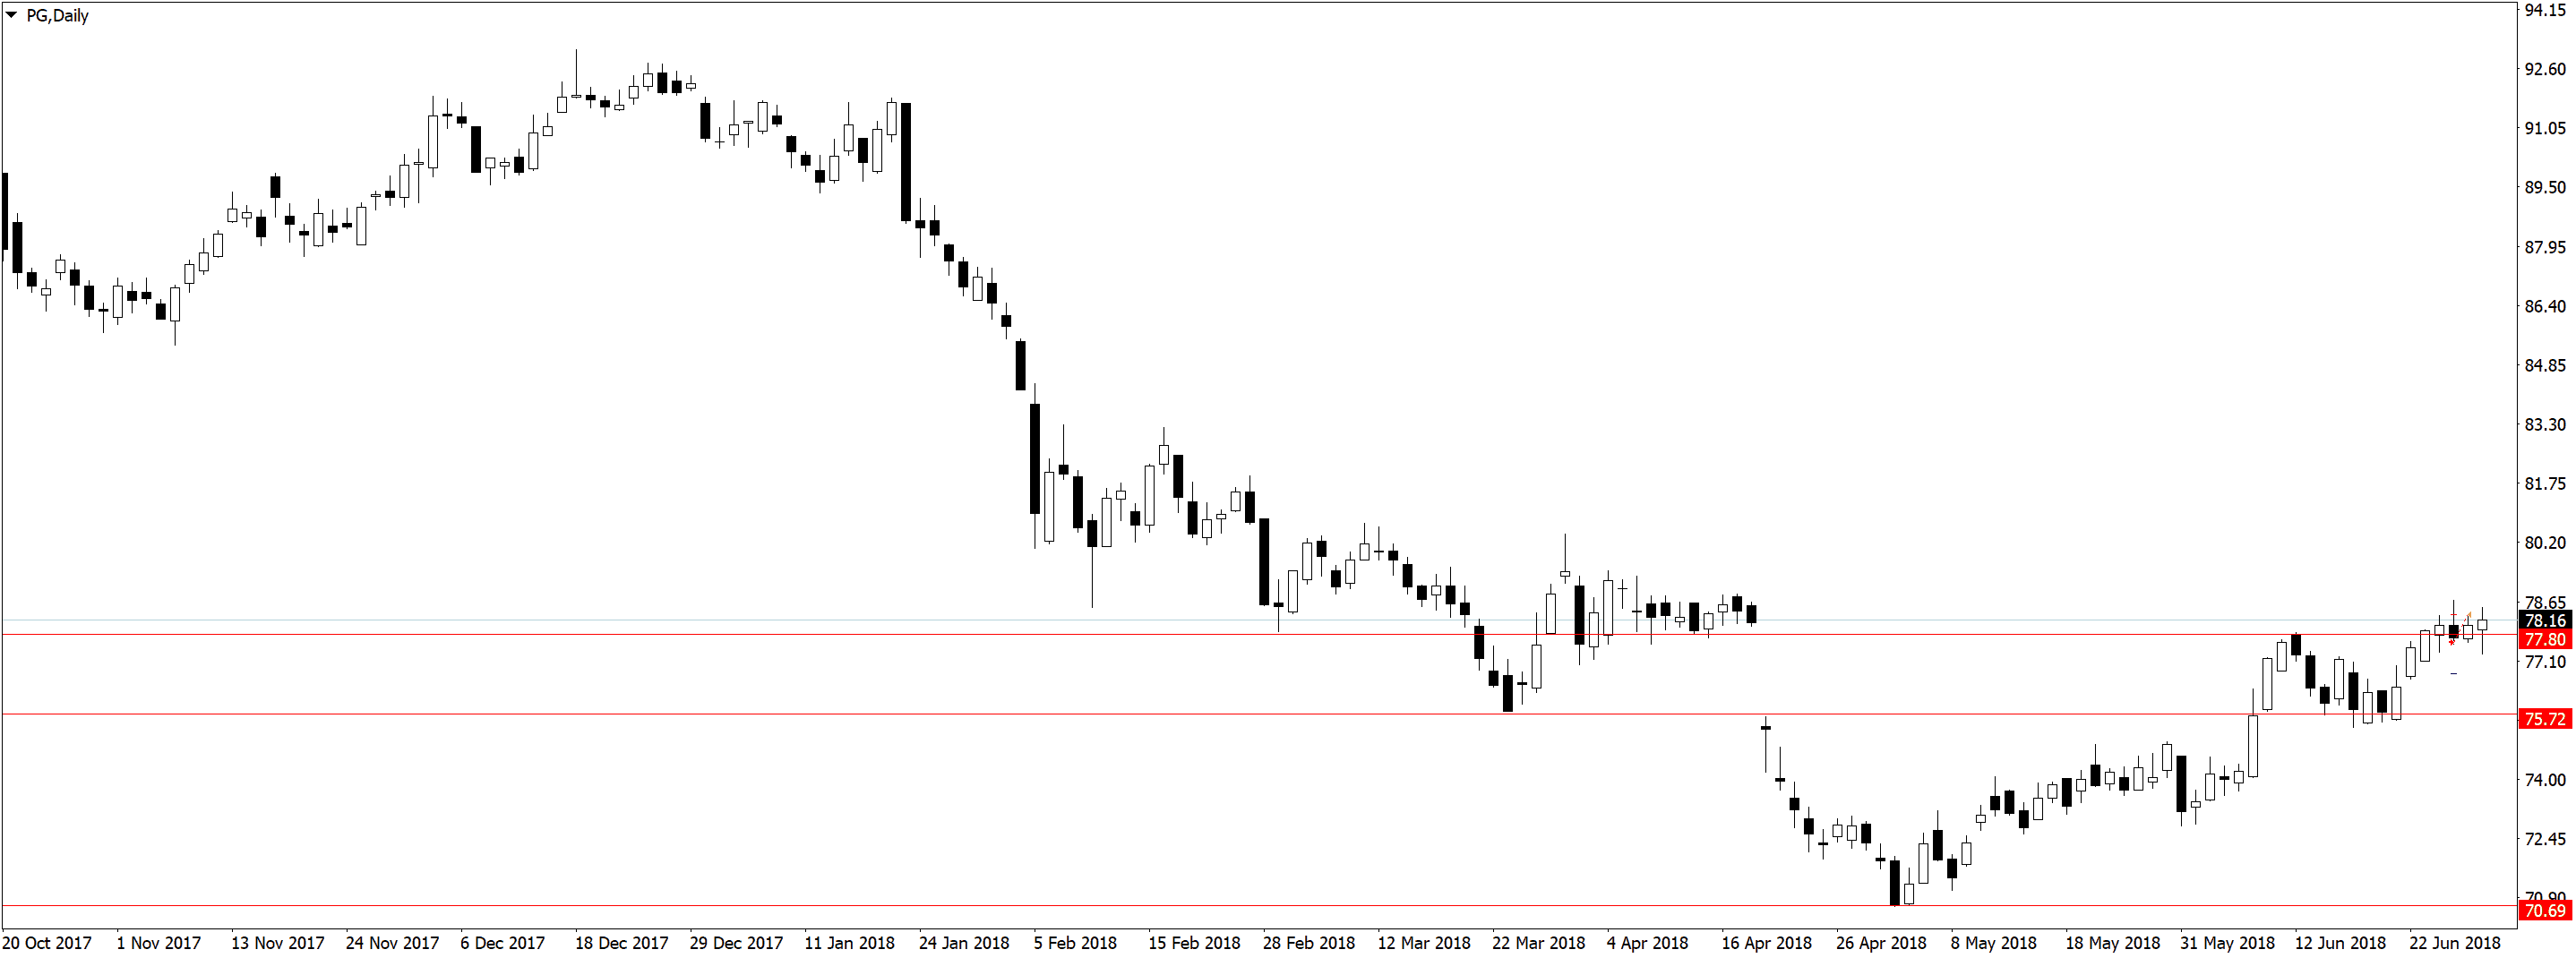 PGDaily Торговля по дневным графикам, ложные пробои и прайс экшен